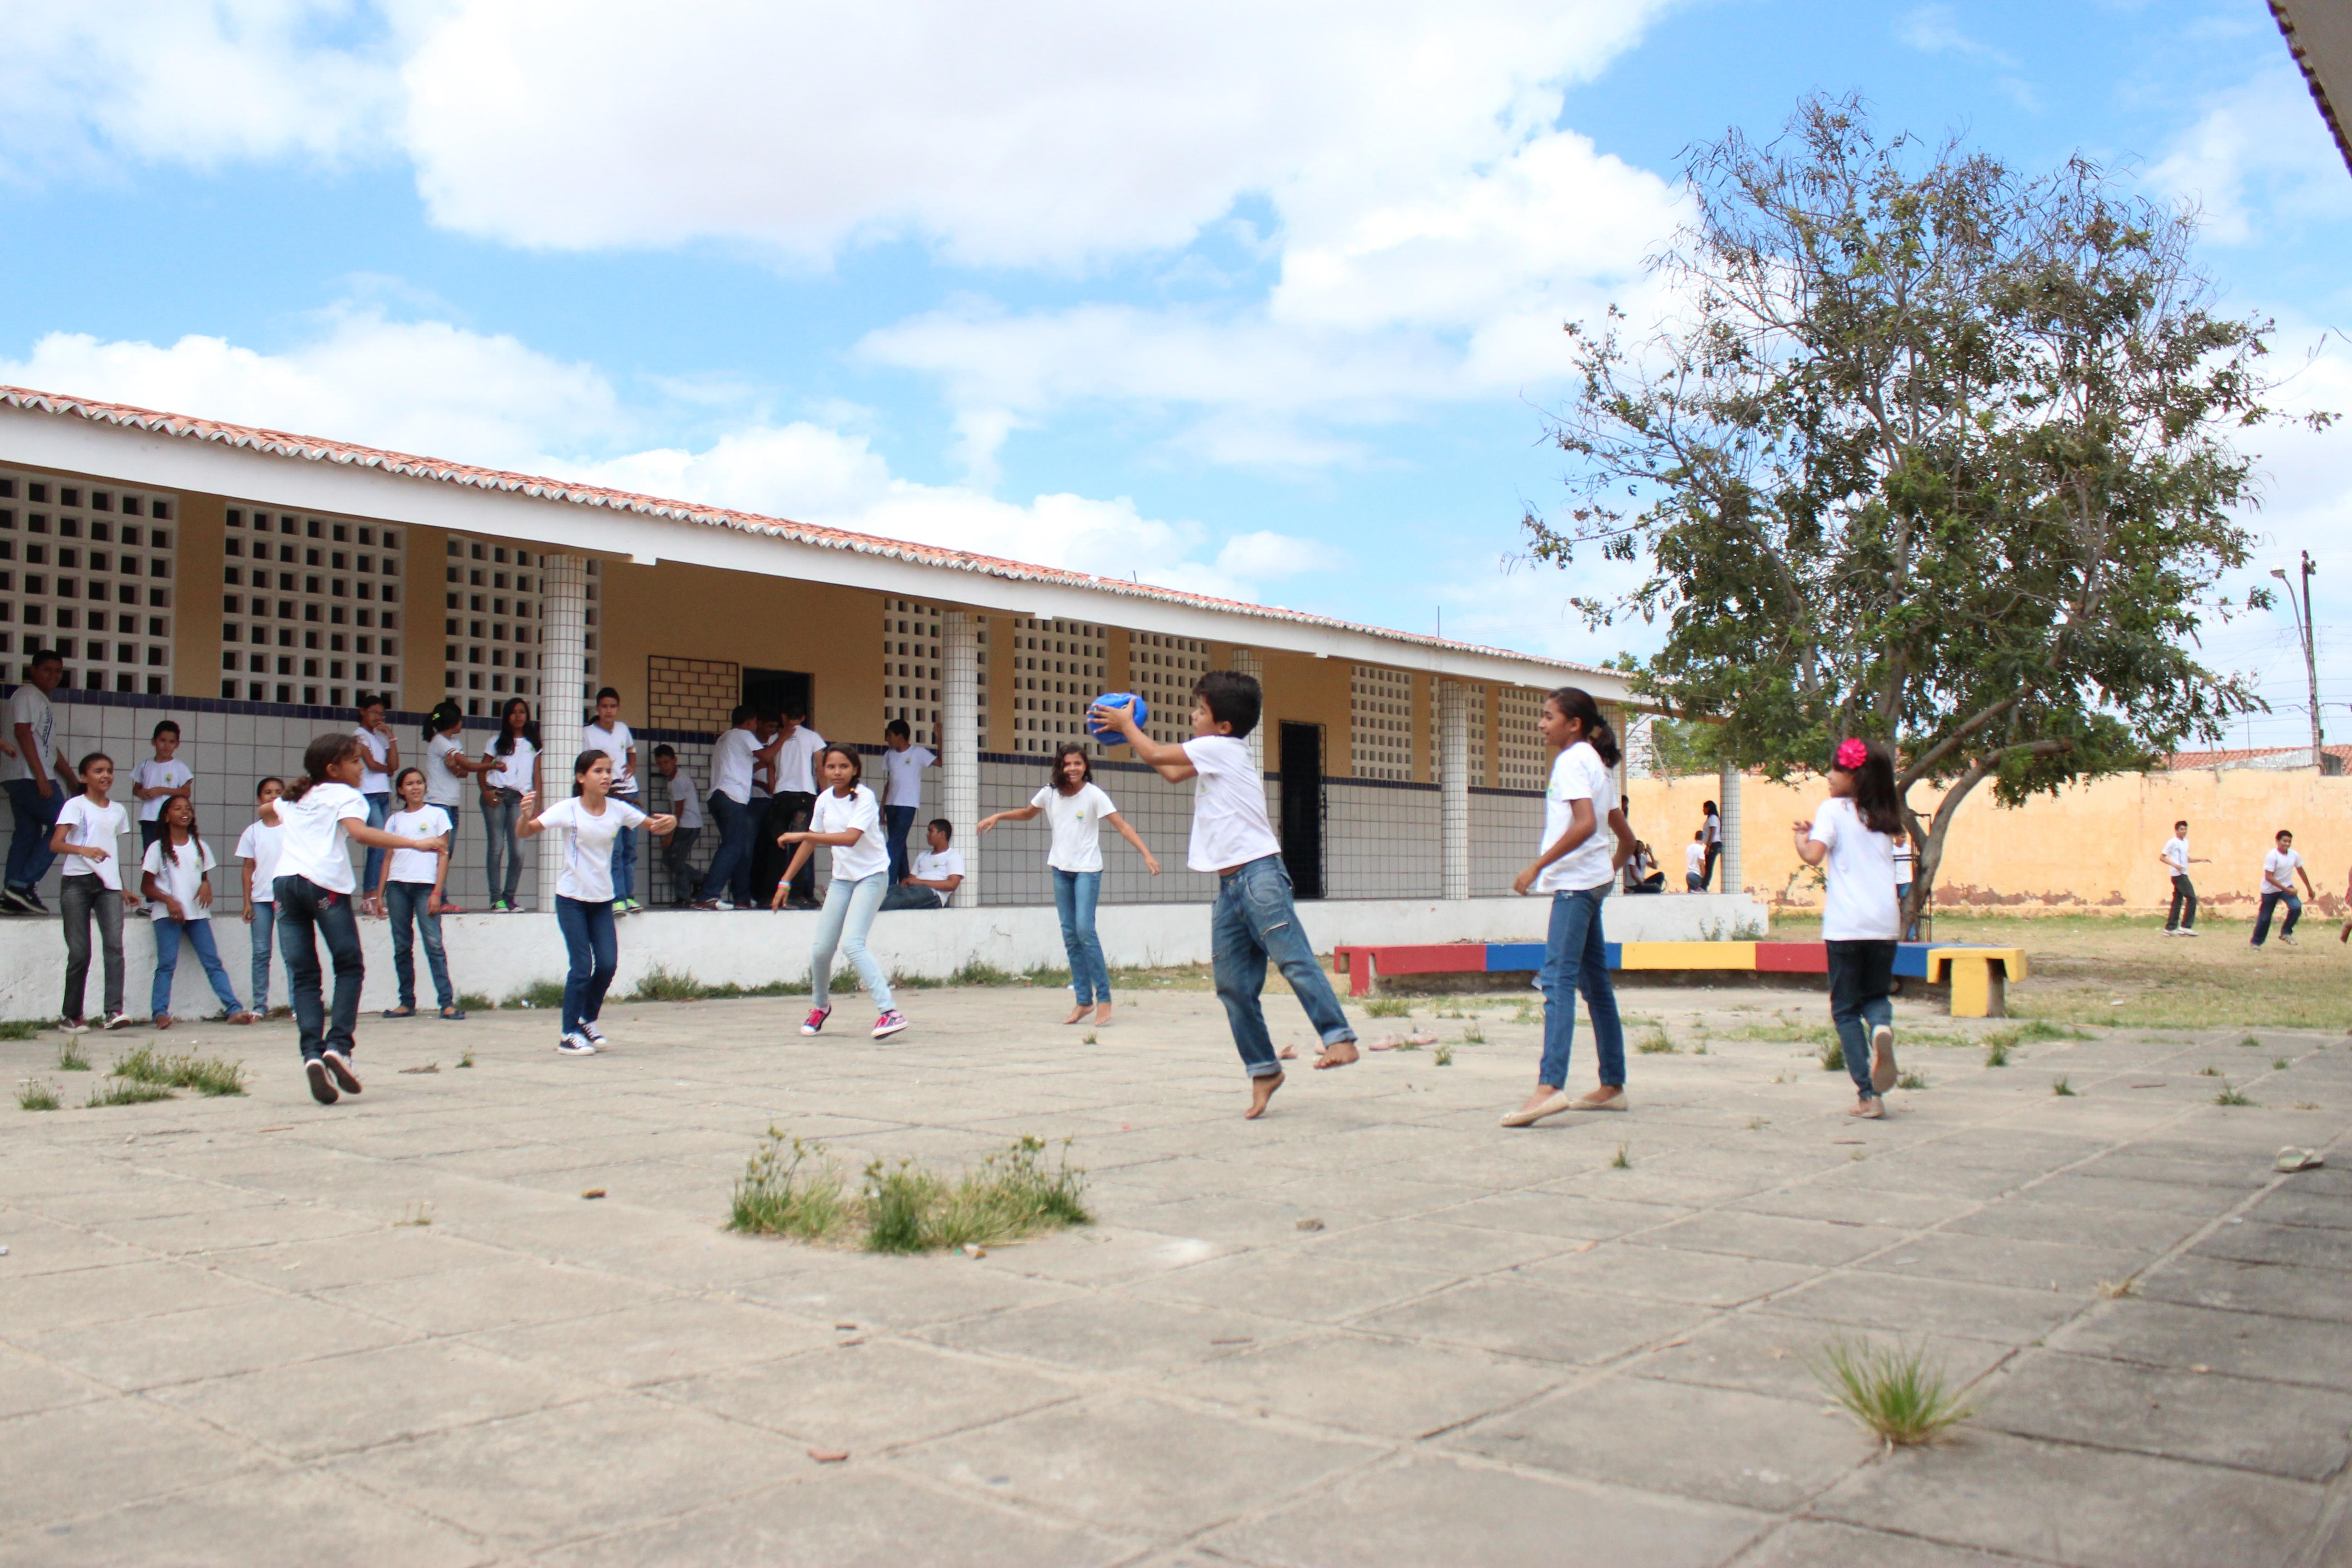 Crianças brincam em pátio a céu aberto de escola. Um dos garotos, descalço, segura a bola com uma das mãos e os demais se movimentam no espaço. Ao fundo, outro grupo observa o jogo apoiado na mureta do prédio escolar.